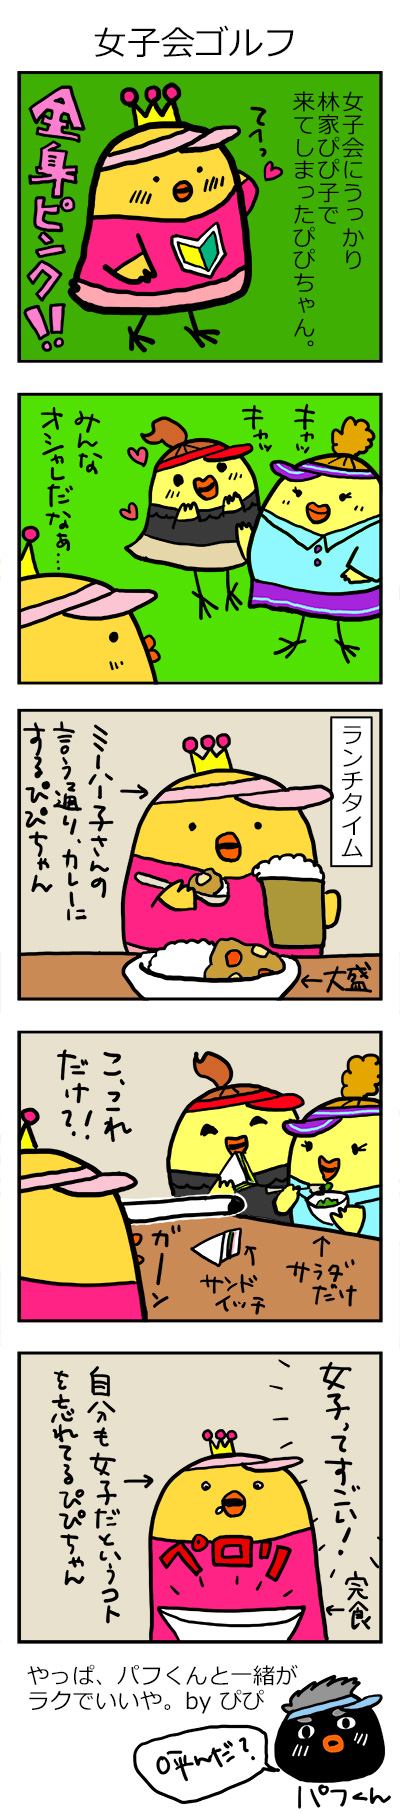 11_hina1.jpg